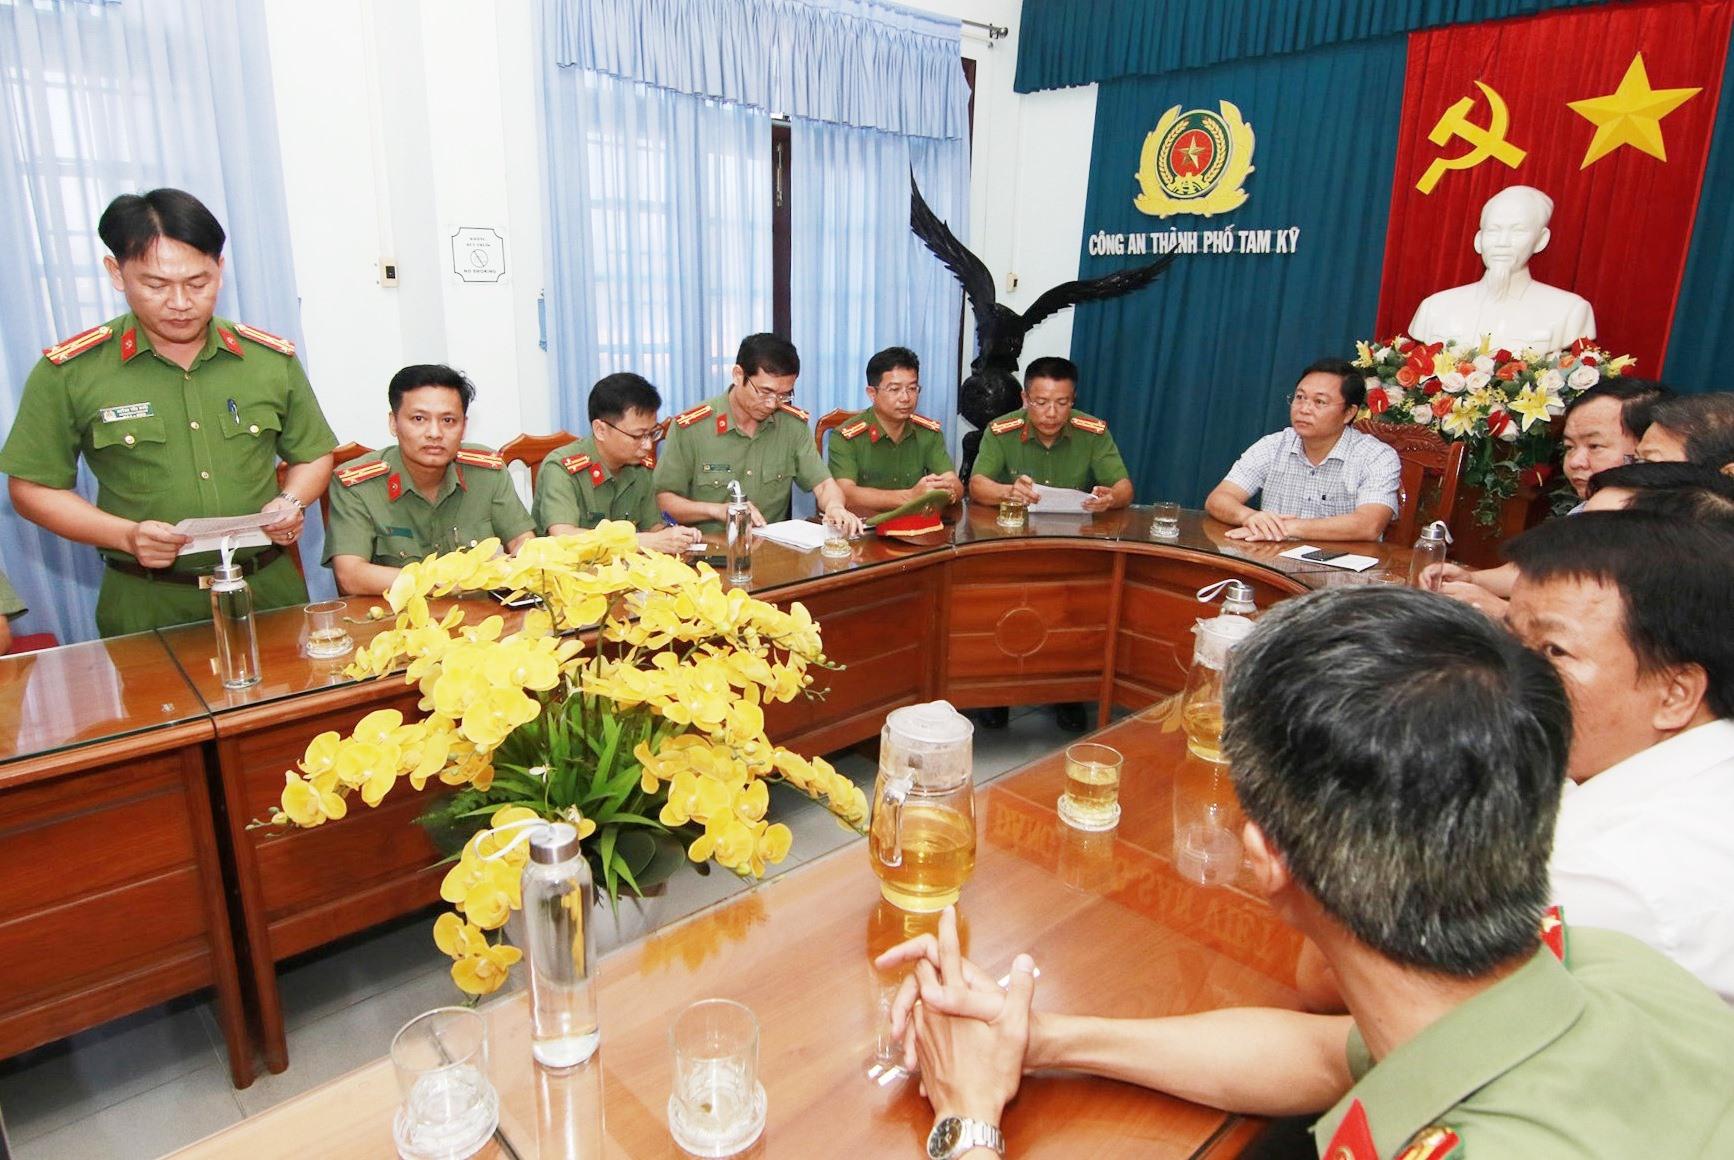 Thượng tá Huỳnh Tấn Mười - Phó Trưởng Công an TP.Tam Kỳ thông tin về vụ việc. Ảnh: T.C